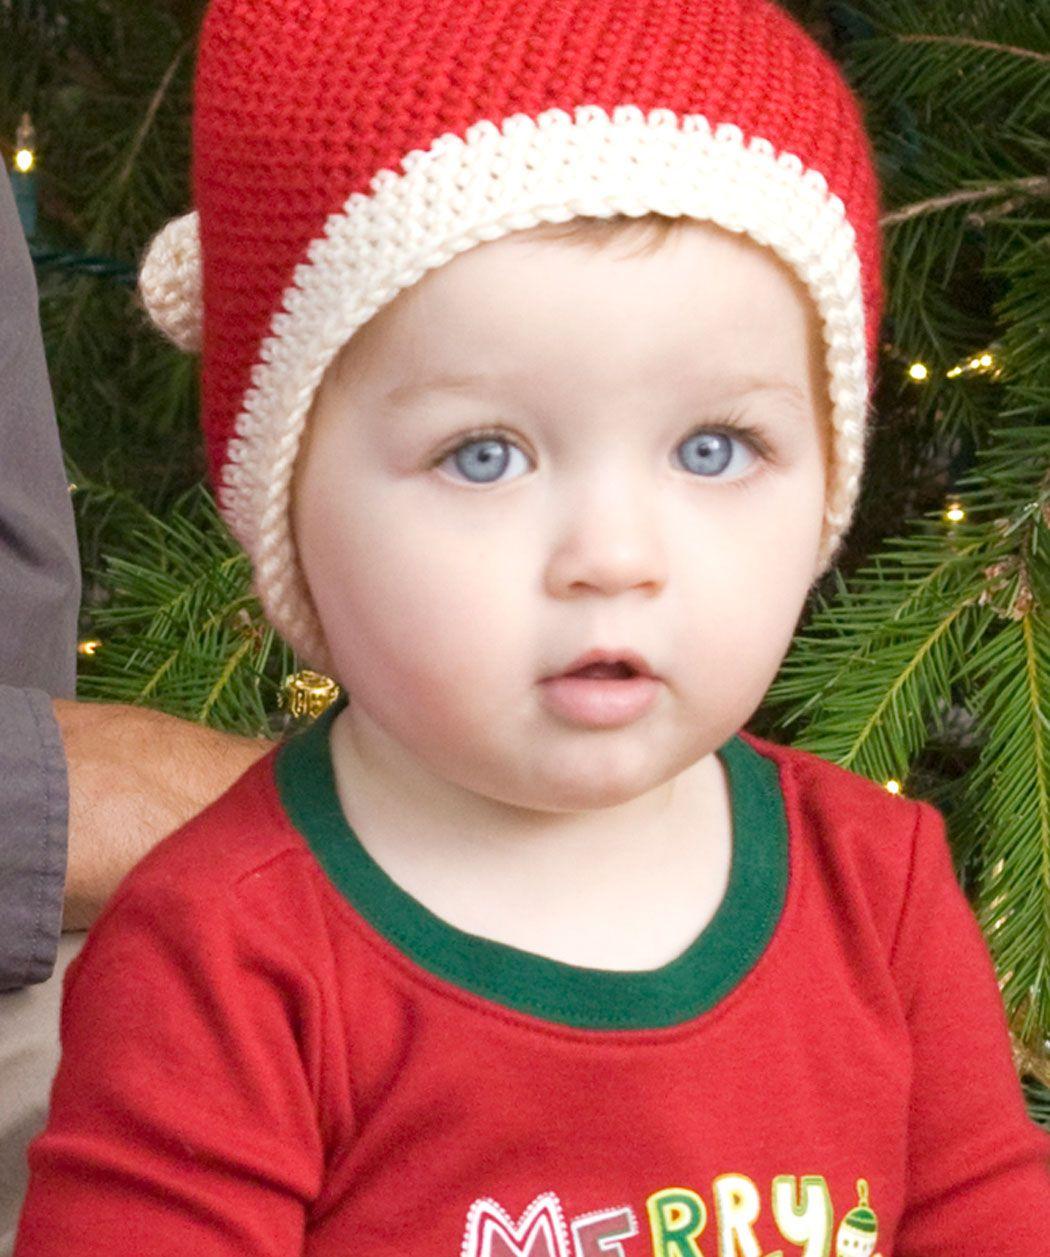 Häkelmuster für Weihnachtsmütze | Stricken , Häkeln, Nähen ...